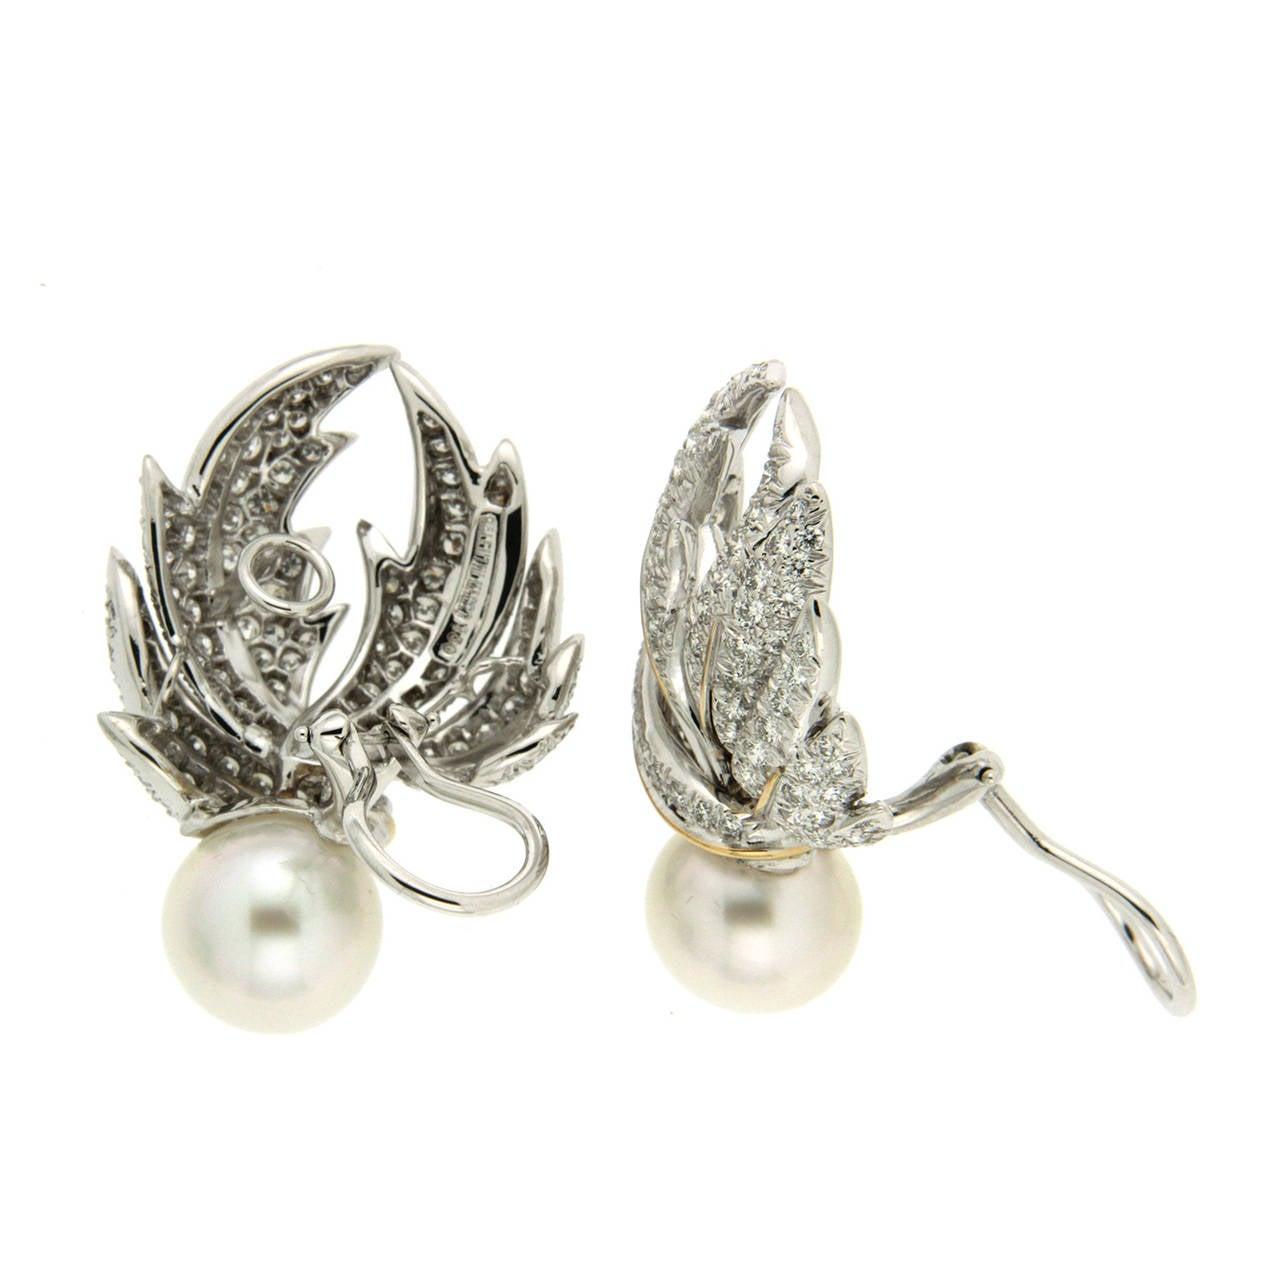 Valentin Magro Diamond Pave Multi-Leaf Earrings   2